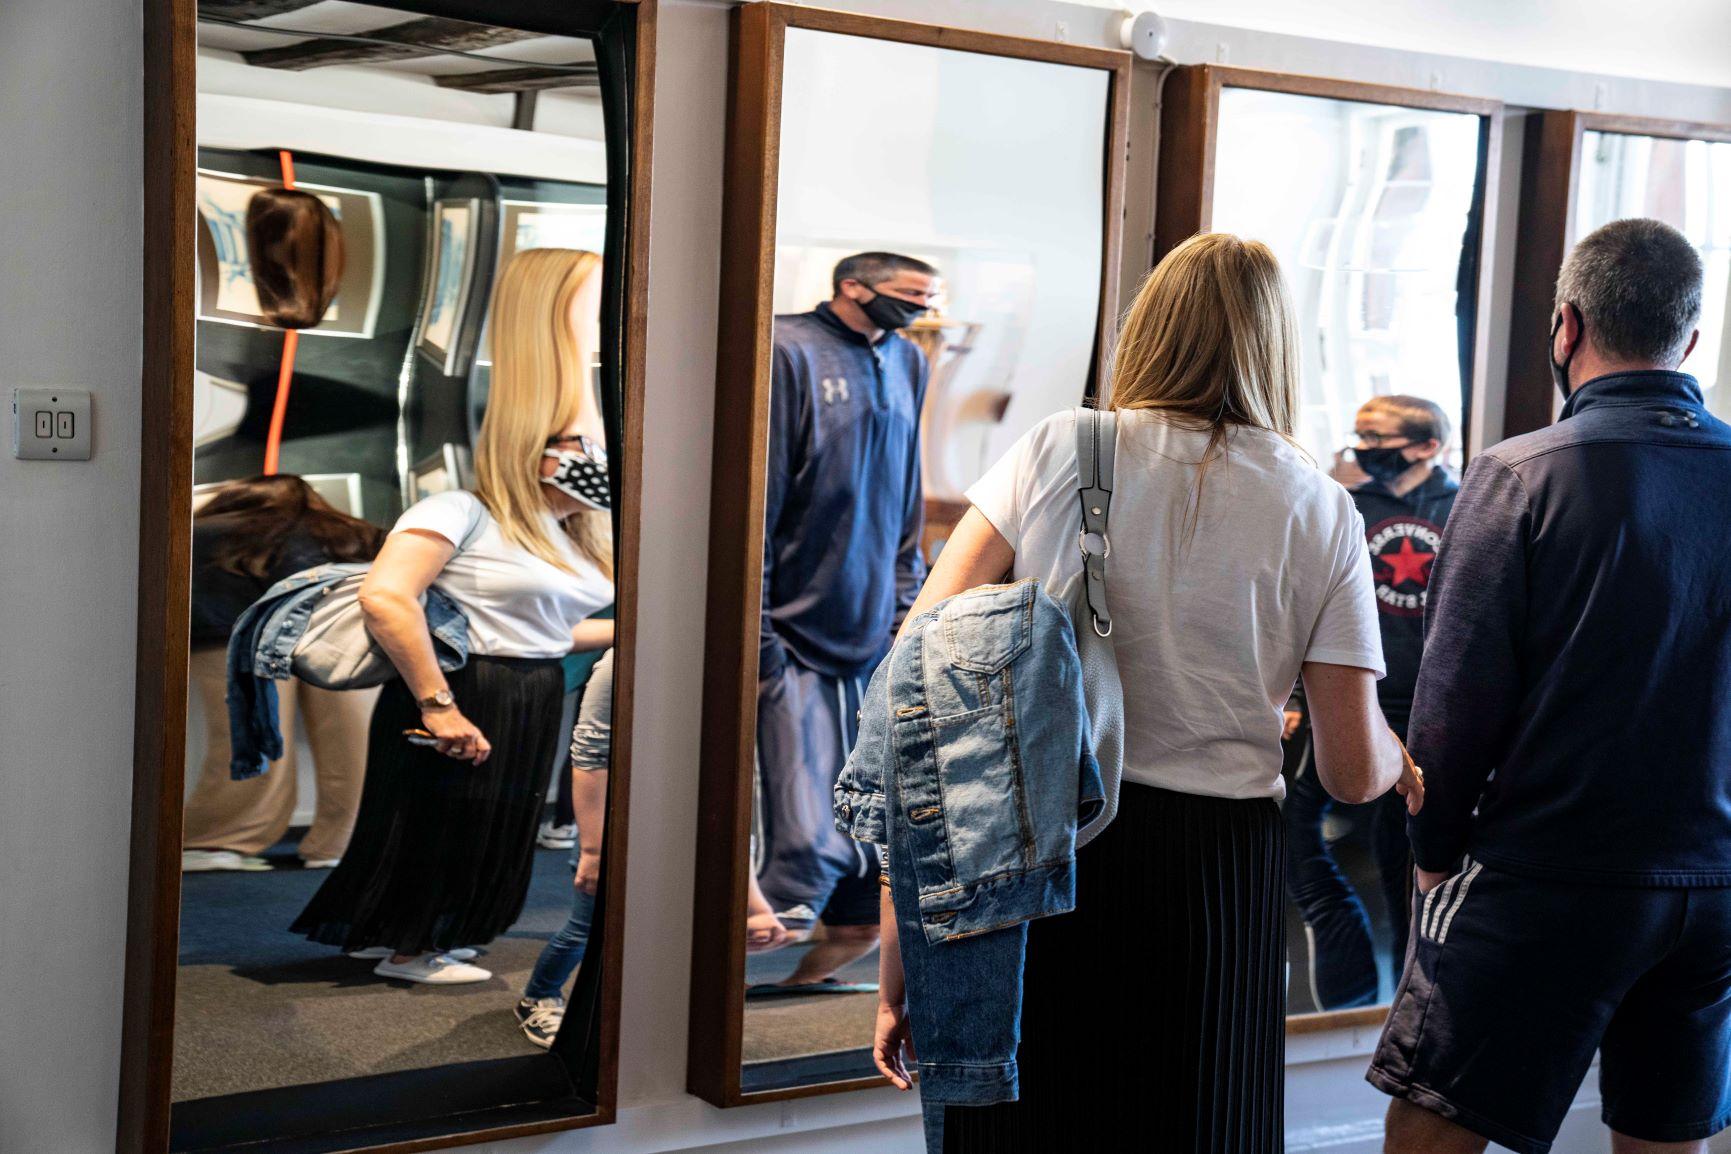 Visitors at Bendy Mirrors